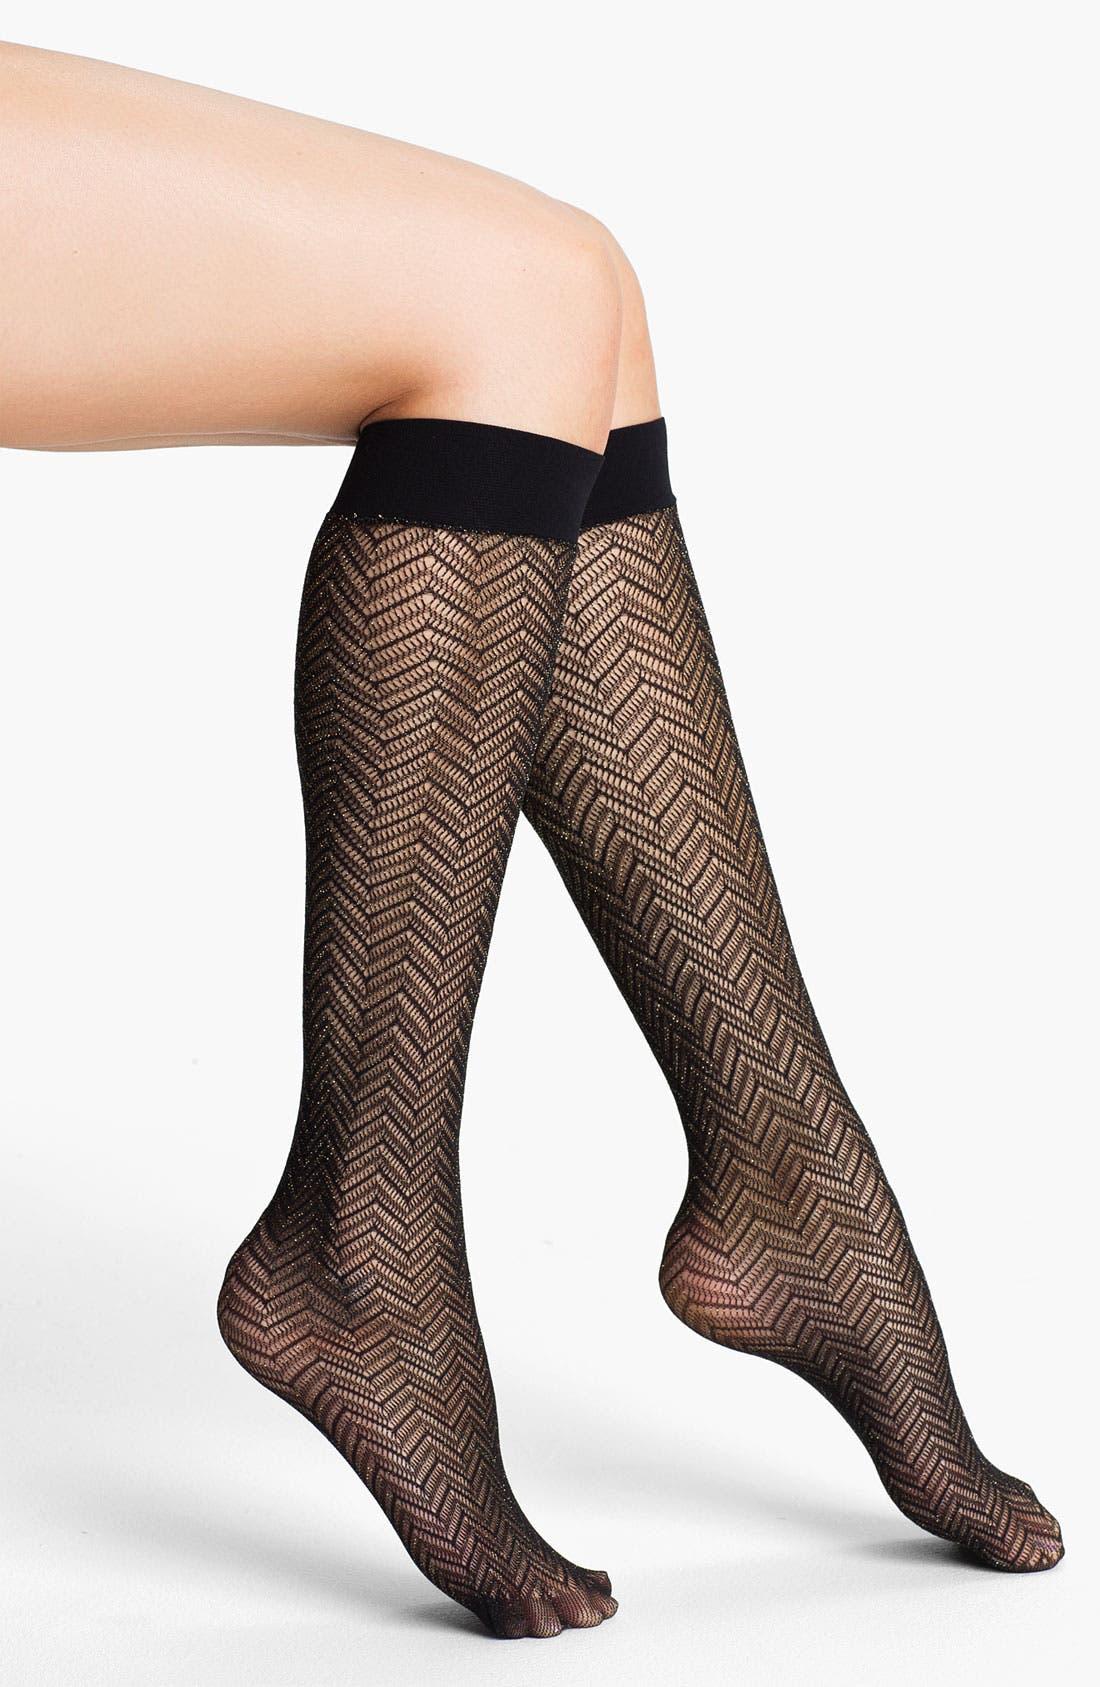 Main Image - Nordstrom 'Sparkle' Chevron Trouser Socks